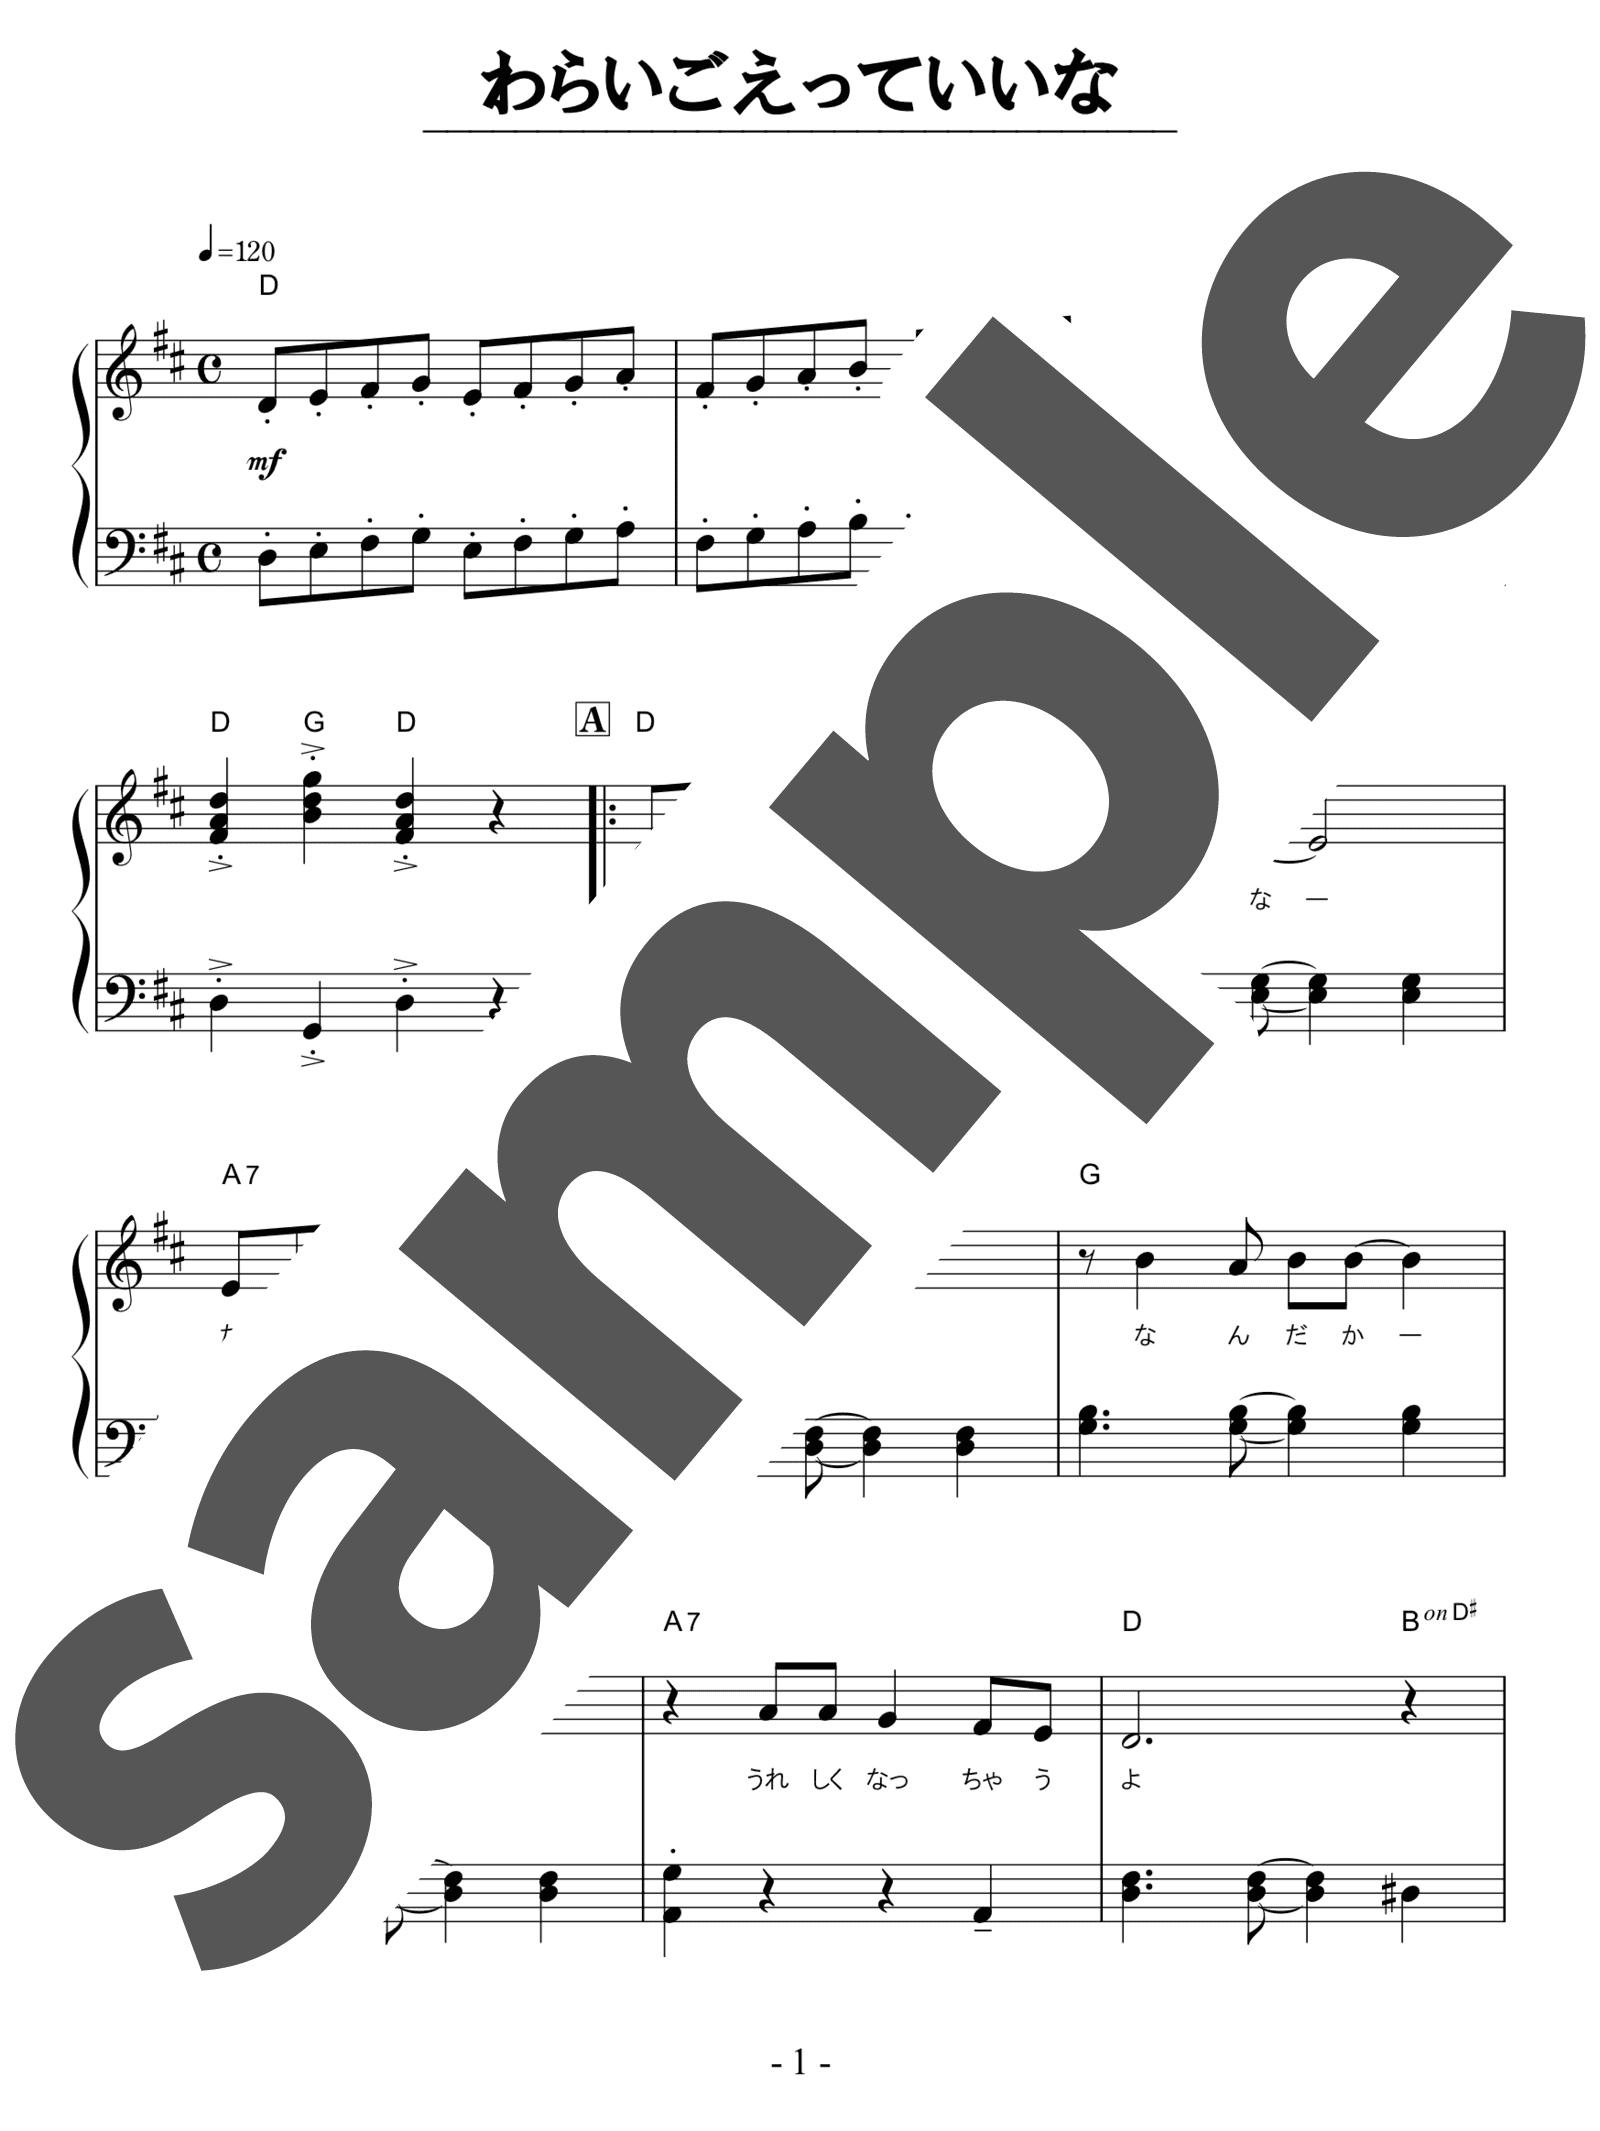 「わらいごえっていいな」のサンプル楽譜